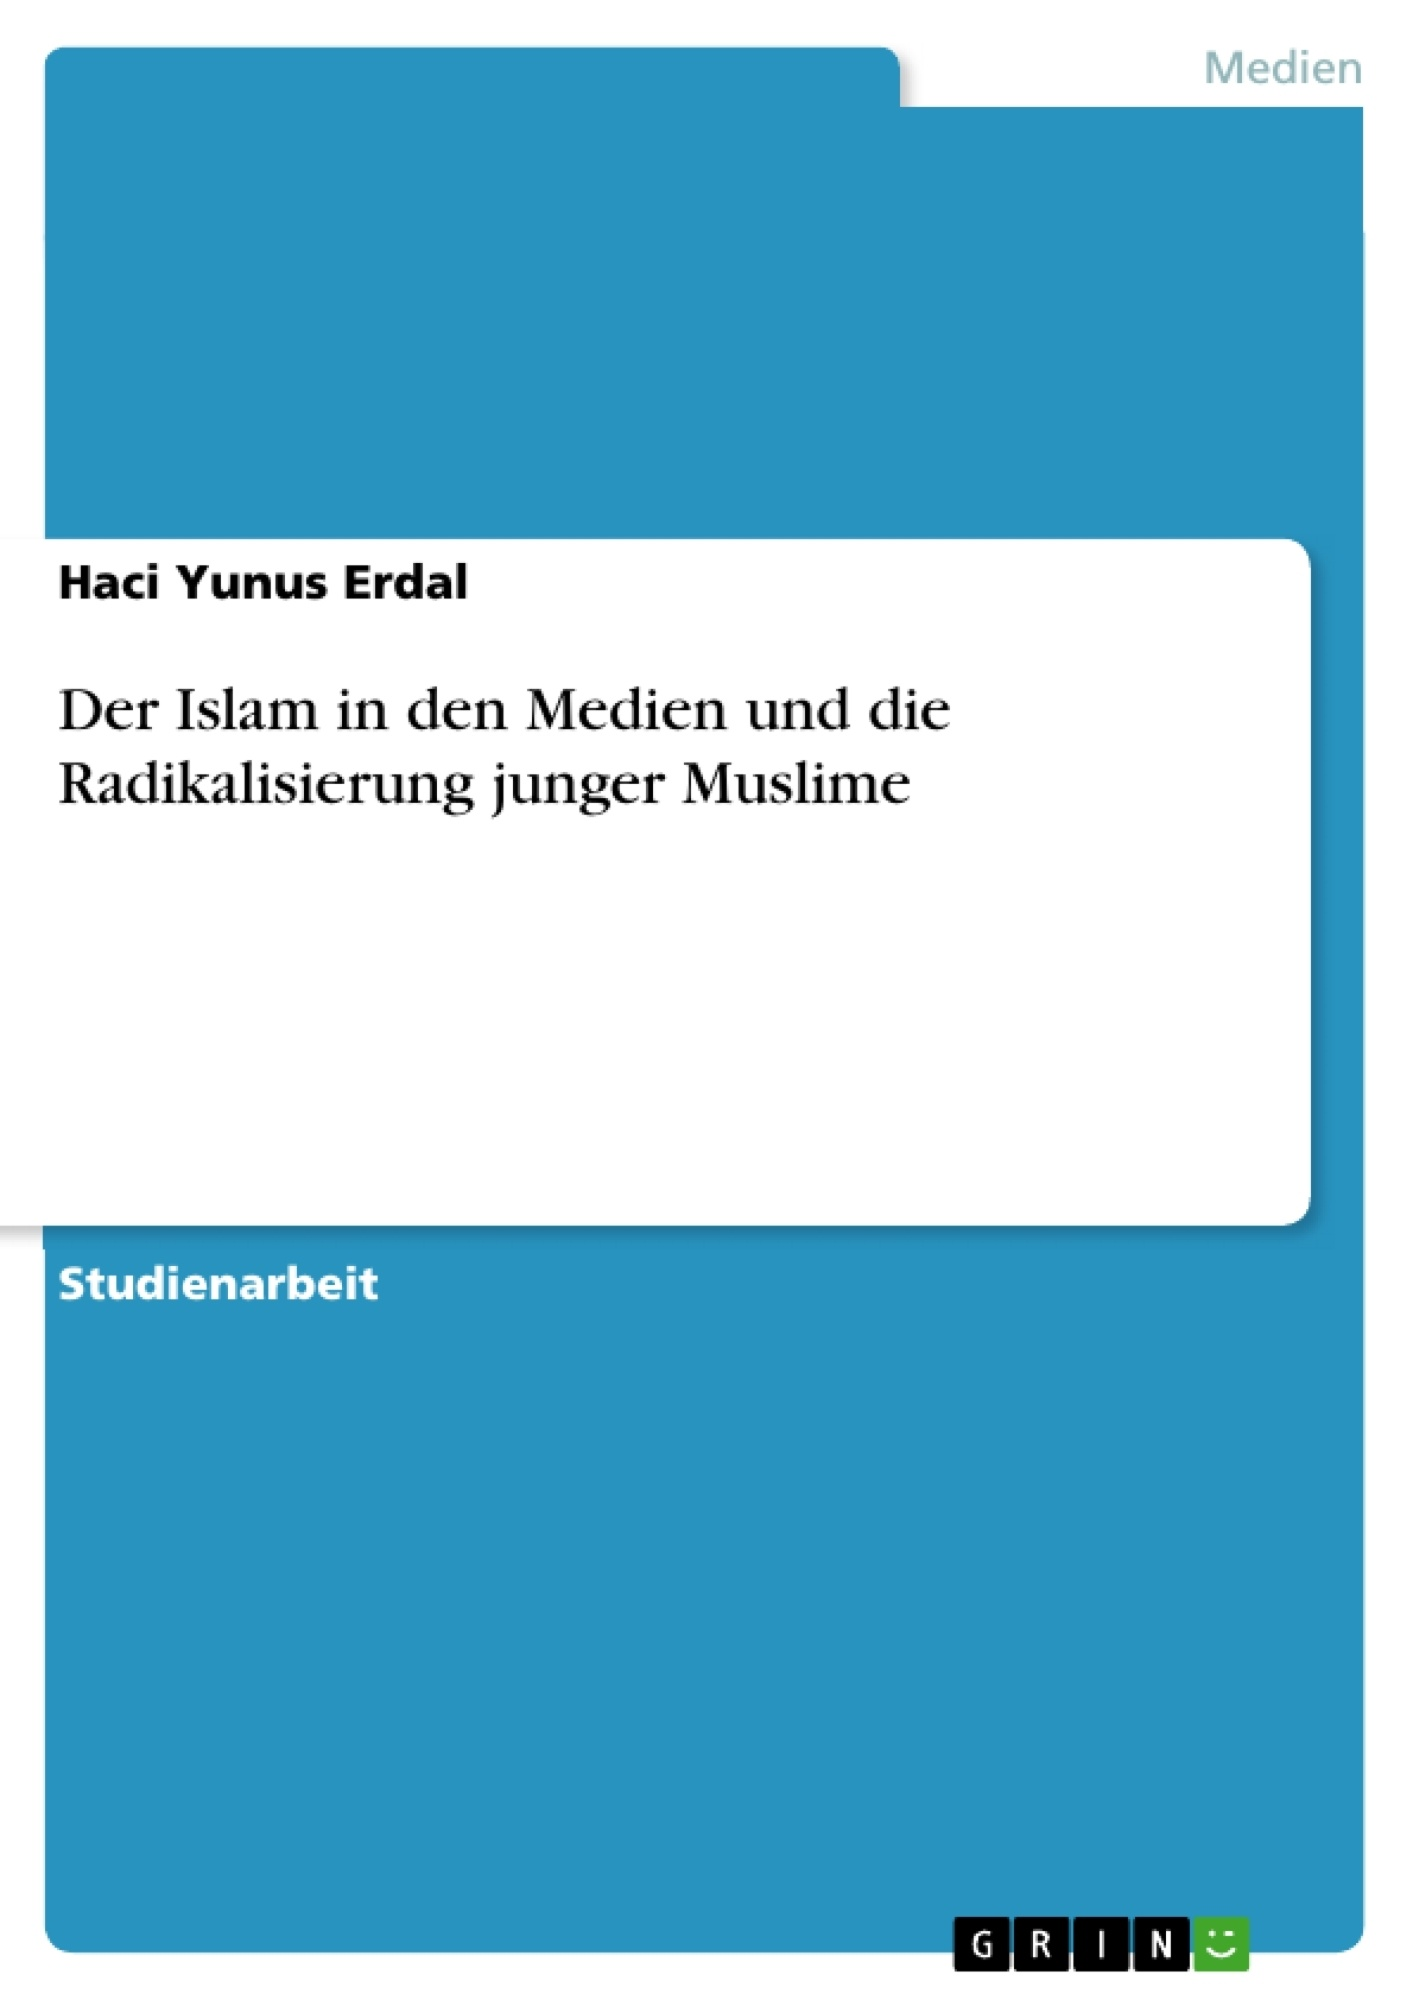 Titel: Der Islam in den Medien und die Radikalisierung junger Muslime